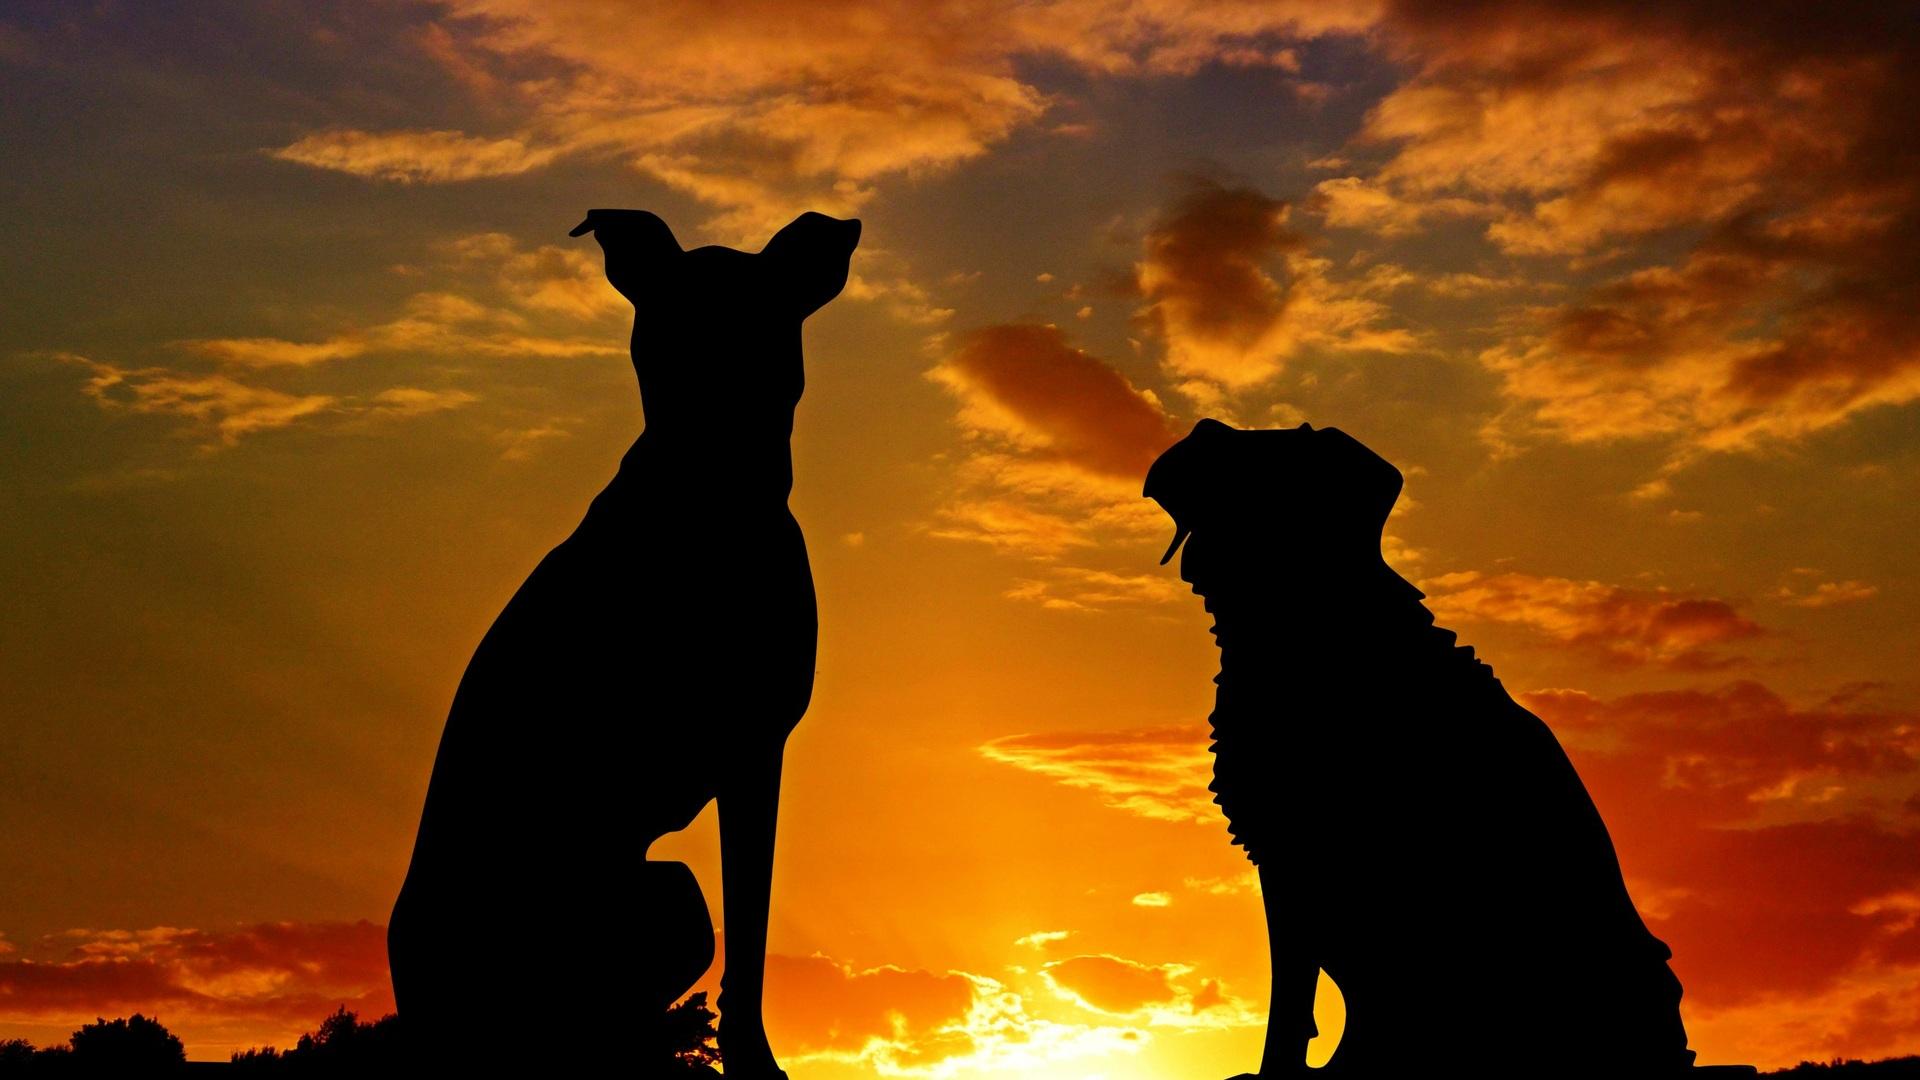 dogs-silhouette-4k-n1.jpg